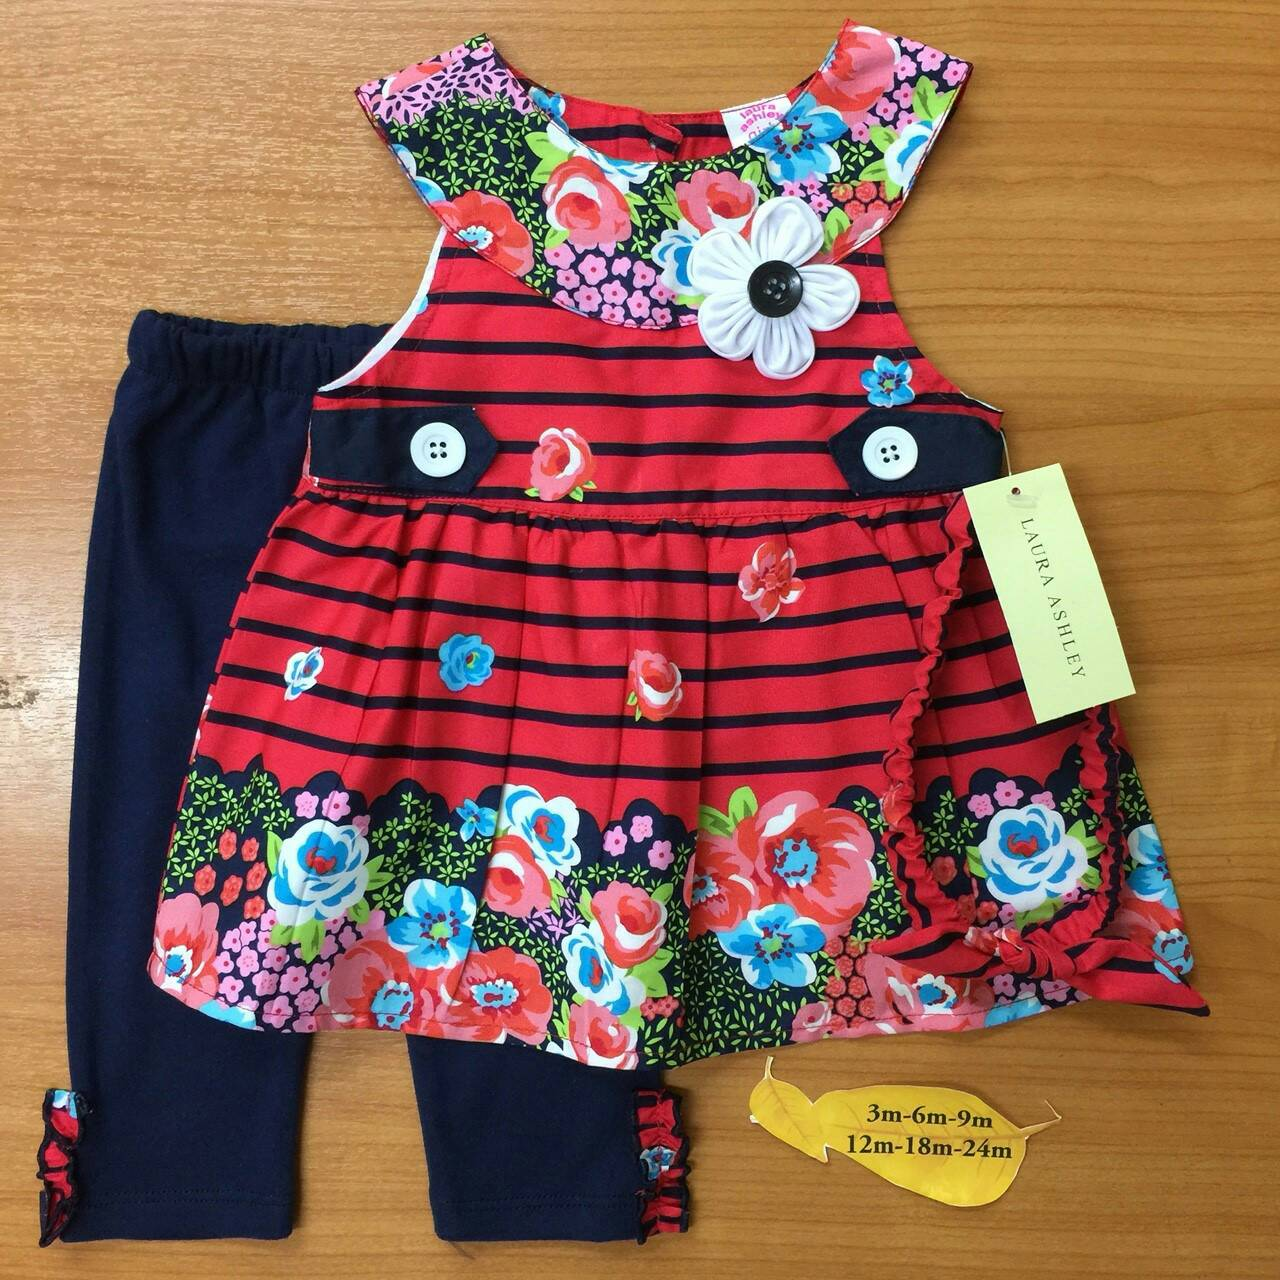 เสื้อผ้าเด็ก เซตเสื้อ-เลกกิ้ง-สายคาดผม 12-24เดือน size 12m-18m-24m ลายดอก สีแดง-ดำ